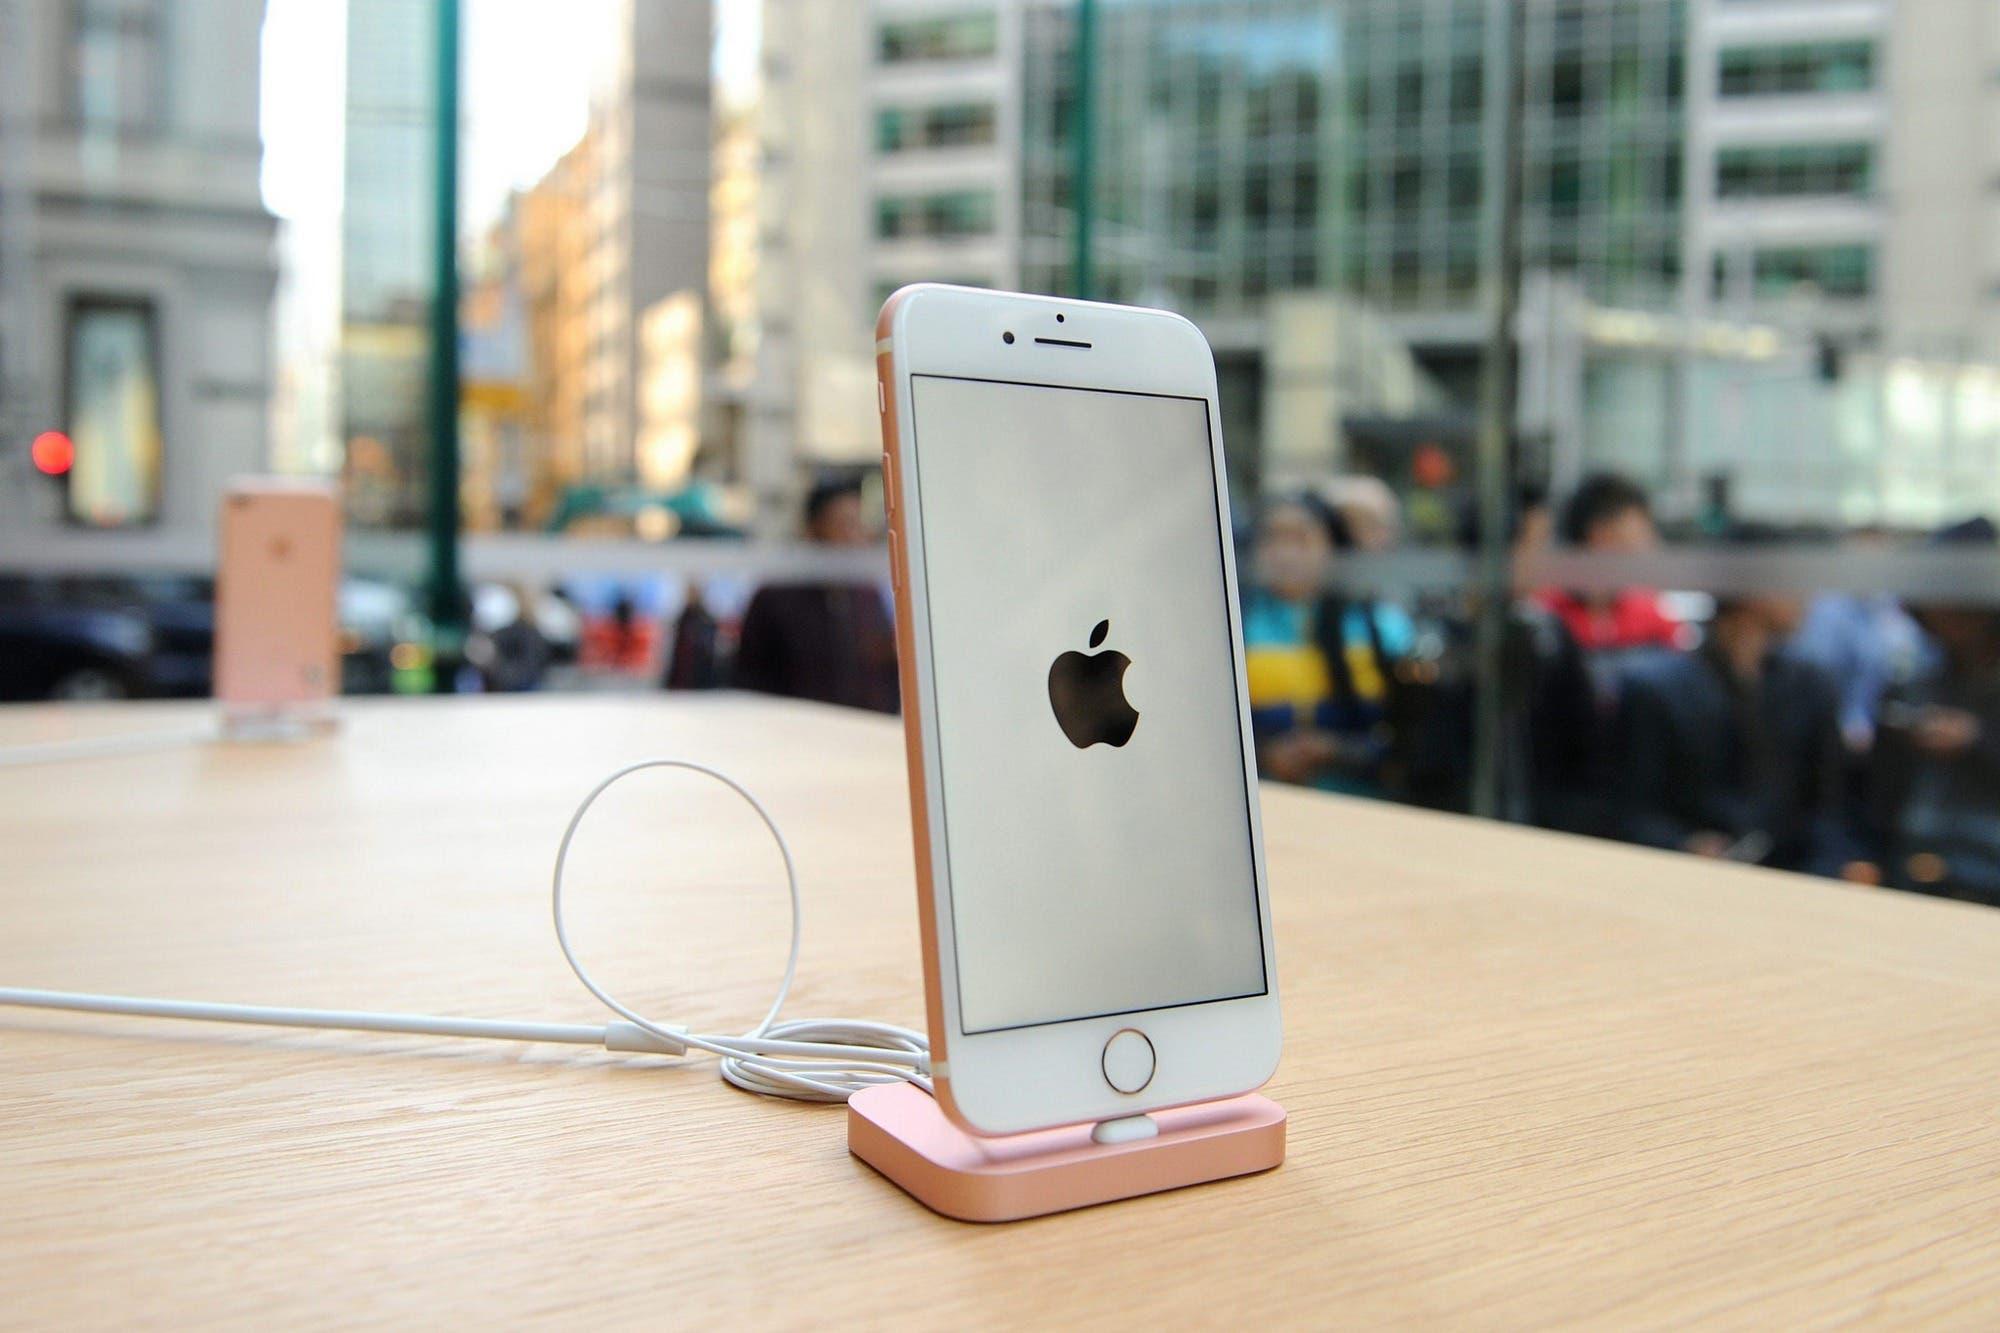 Filtran en Internet el código fuente del sistema iOS del iPhone de Apple